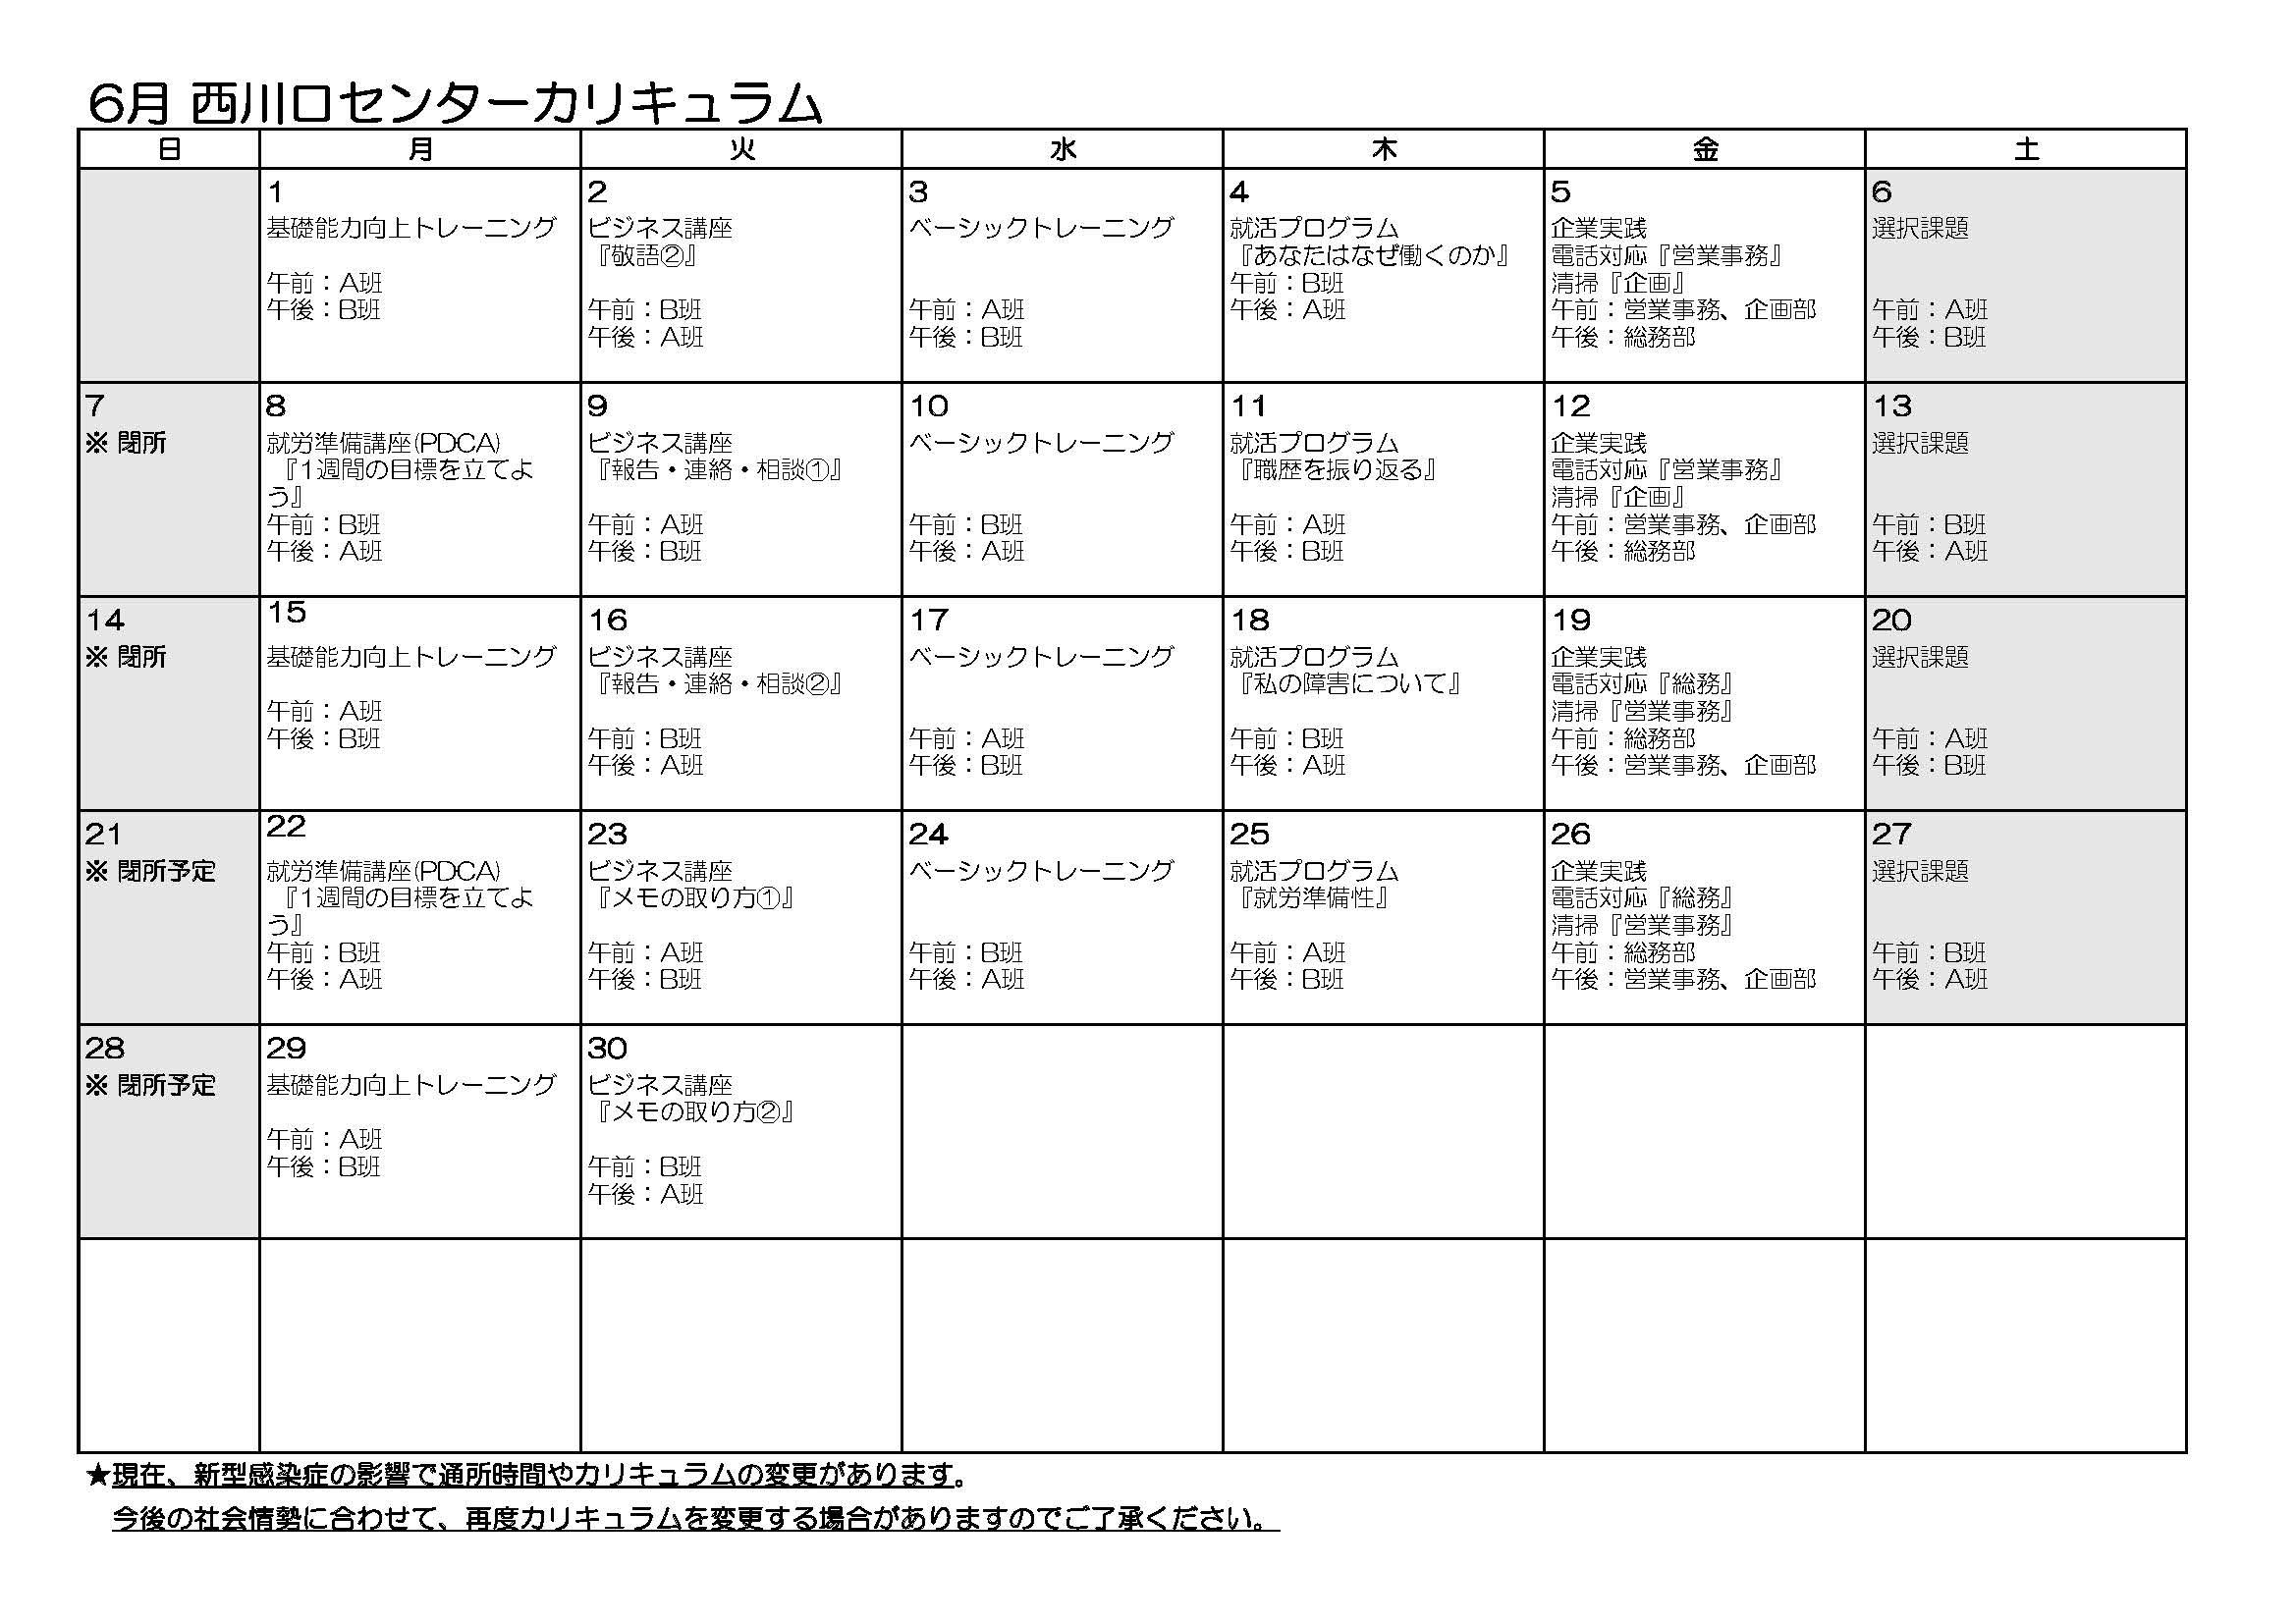 6月月間カリキュラム表